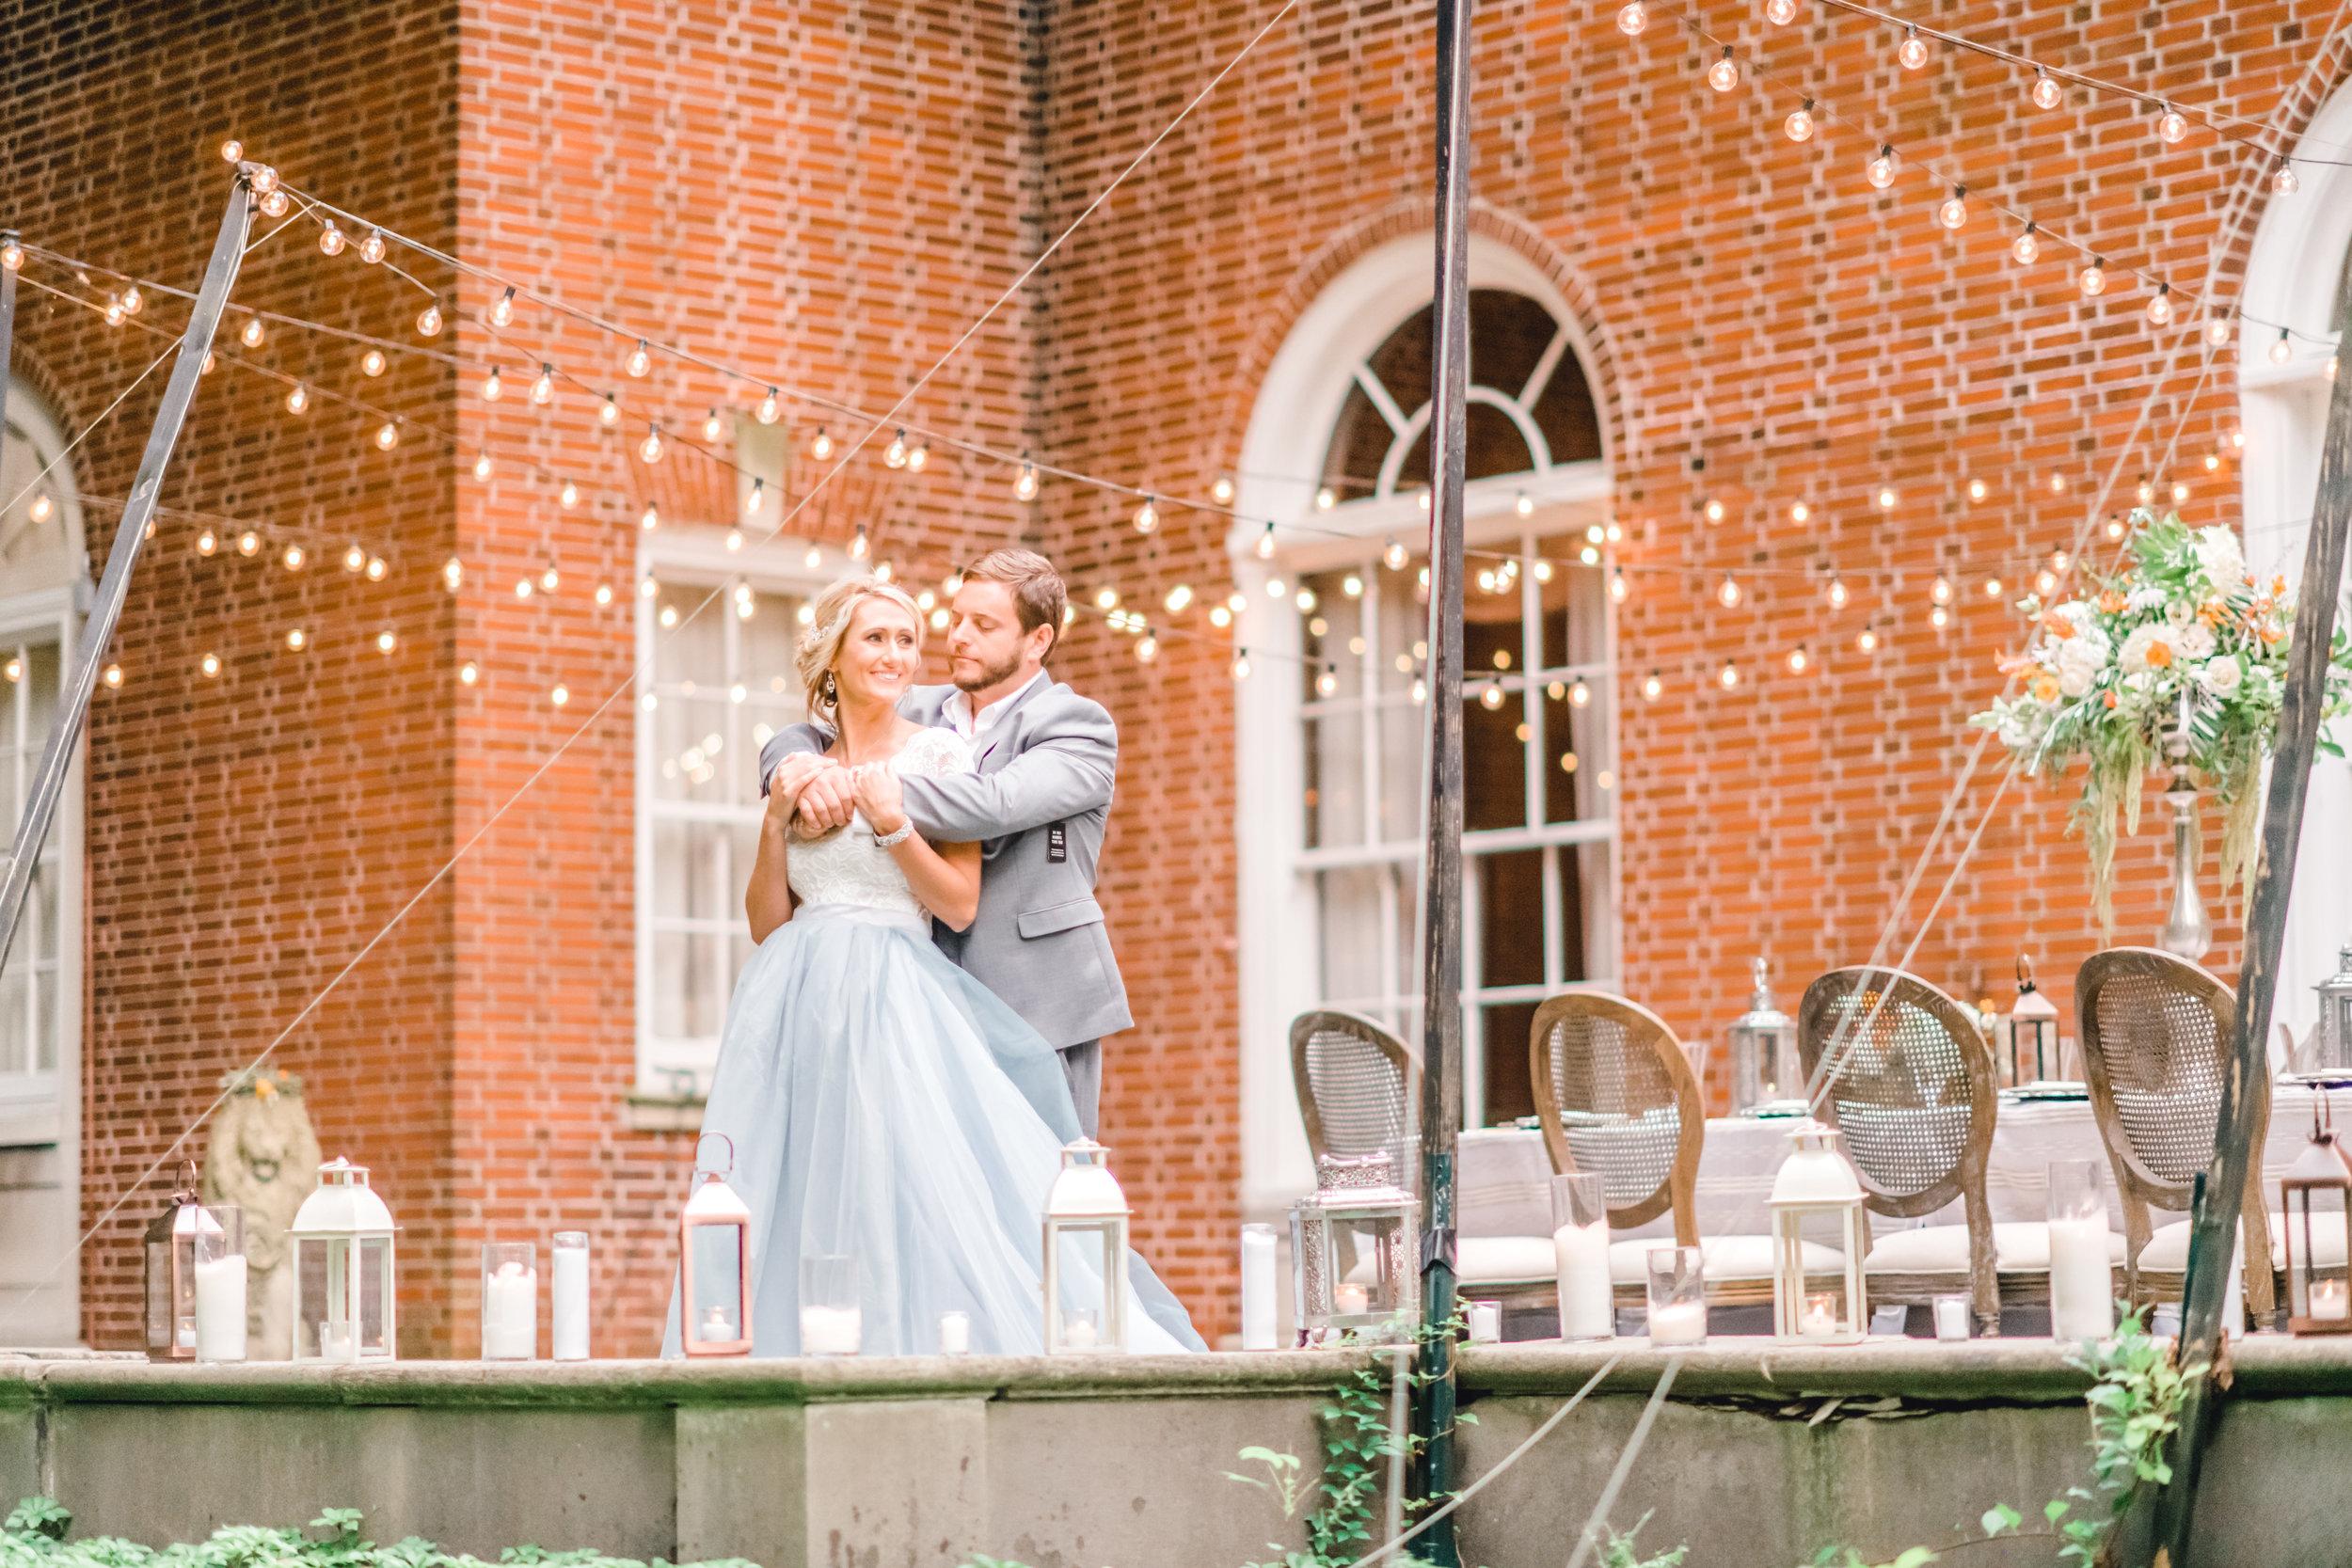 Jessica-Garda-Events-Pittsburgh-Wedding-Planner-Mansion-Butler-Blue-Grey-Orange-Palette (104).jpg